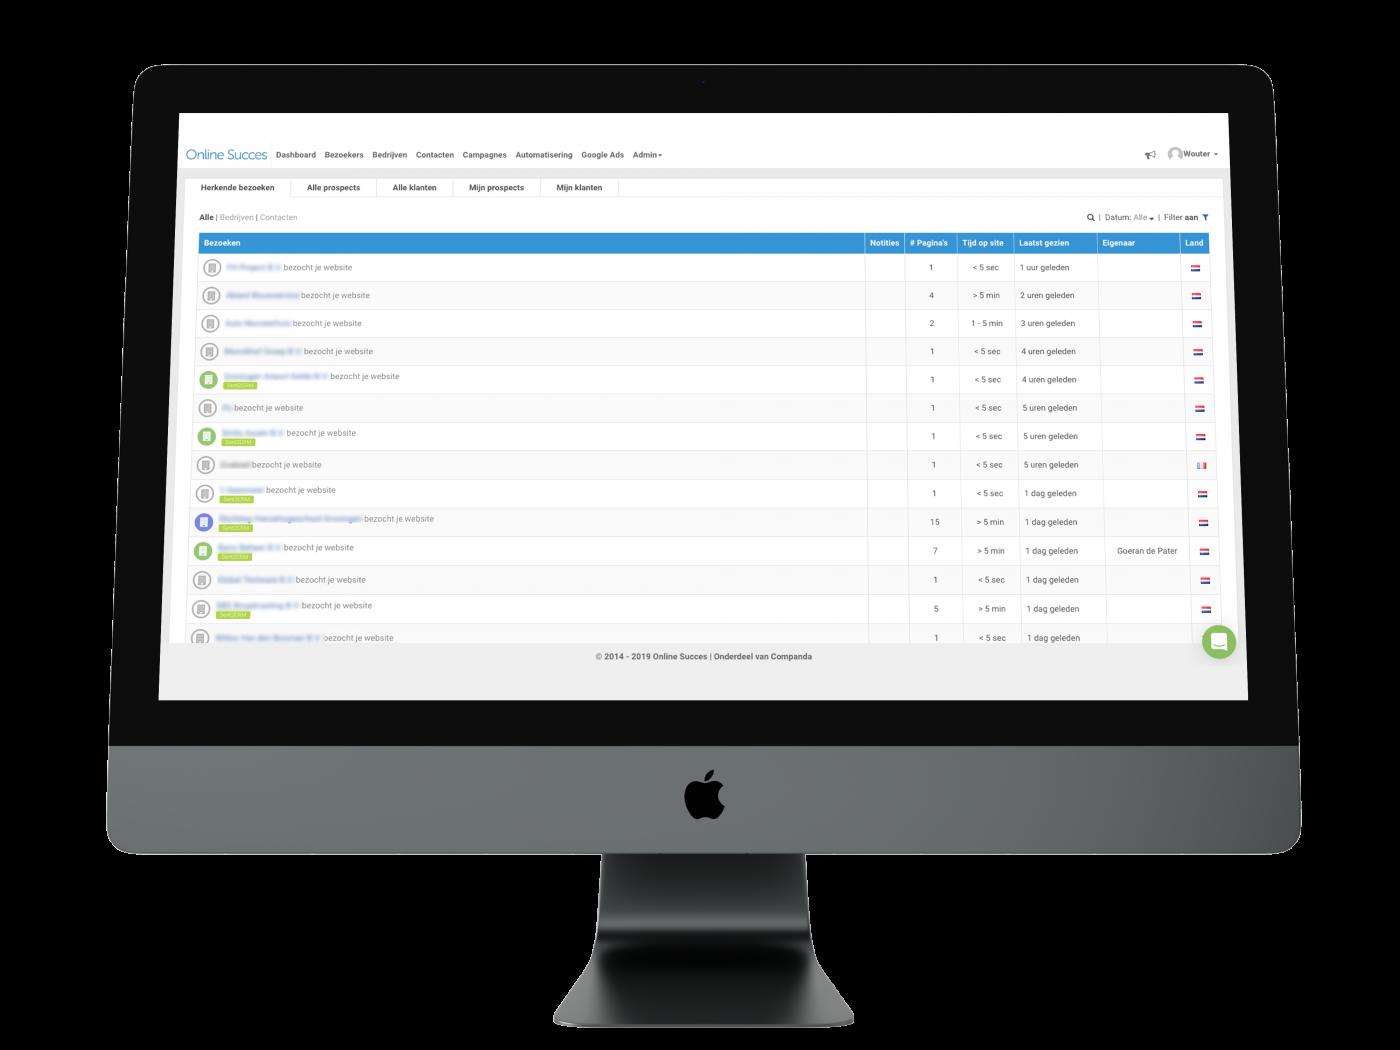 online succes bedrijfsherkenning software tool websitebezoek sellian